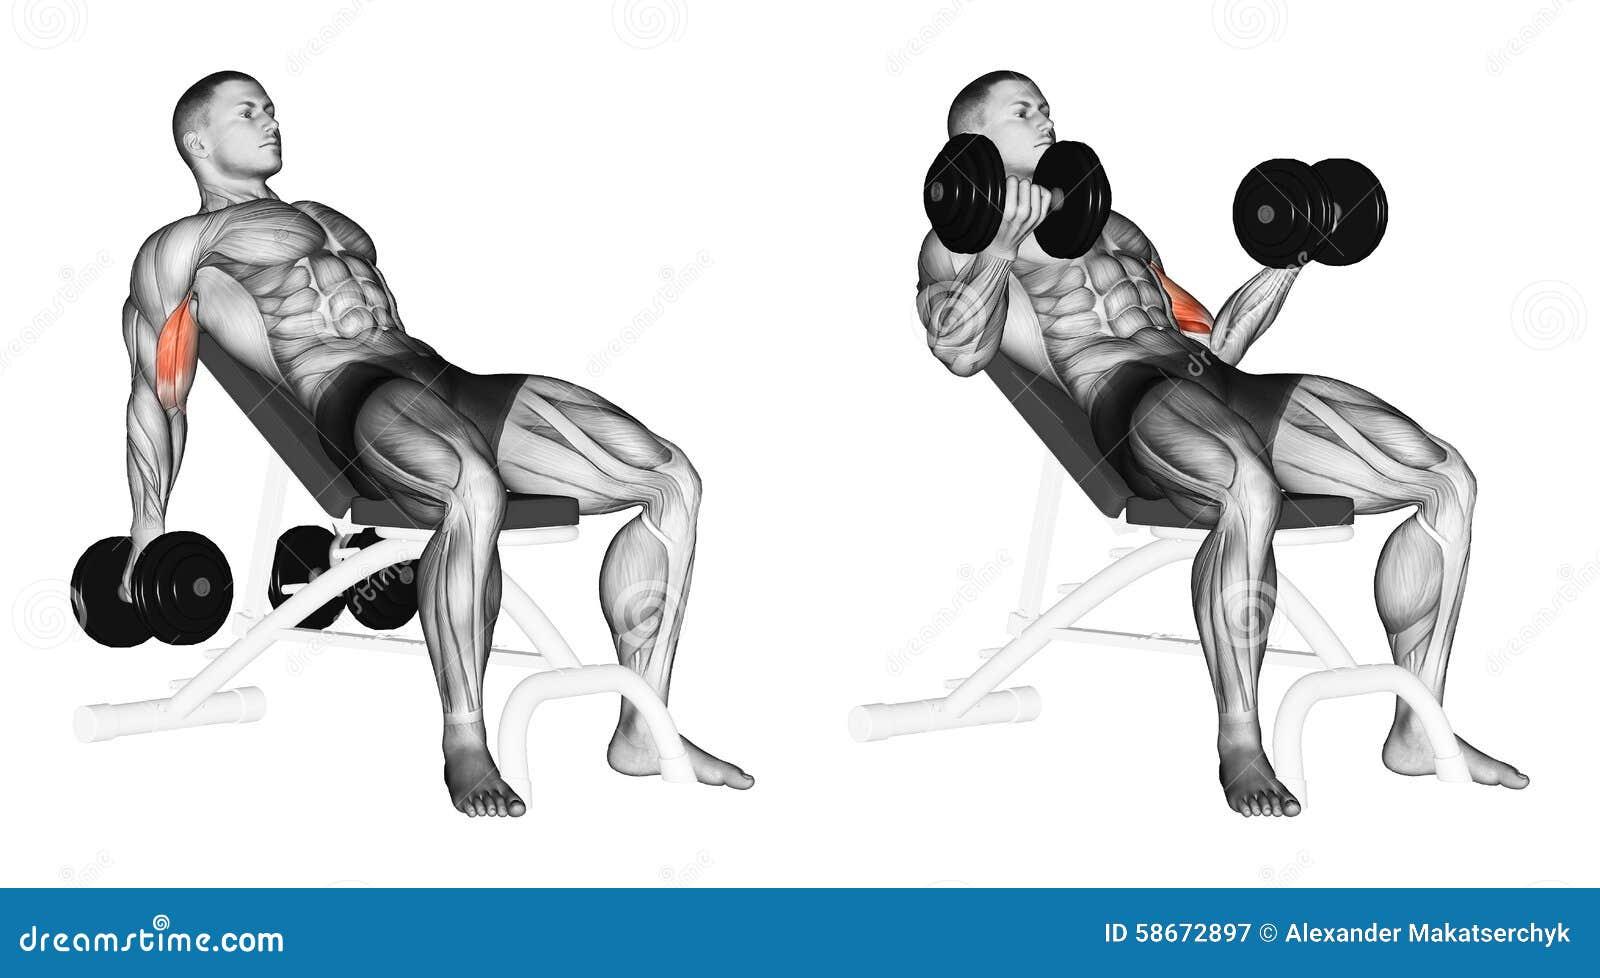 Exercising La elevación de las pesas de gimnasia para los bíceps muscles en un banco de la pendiente